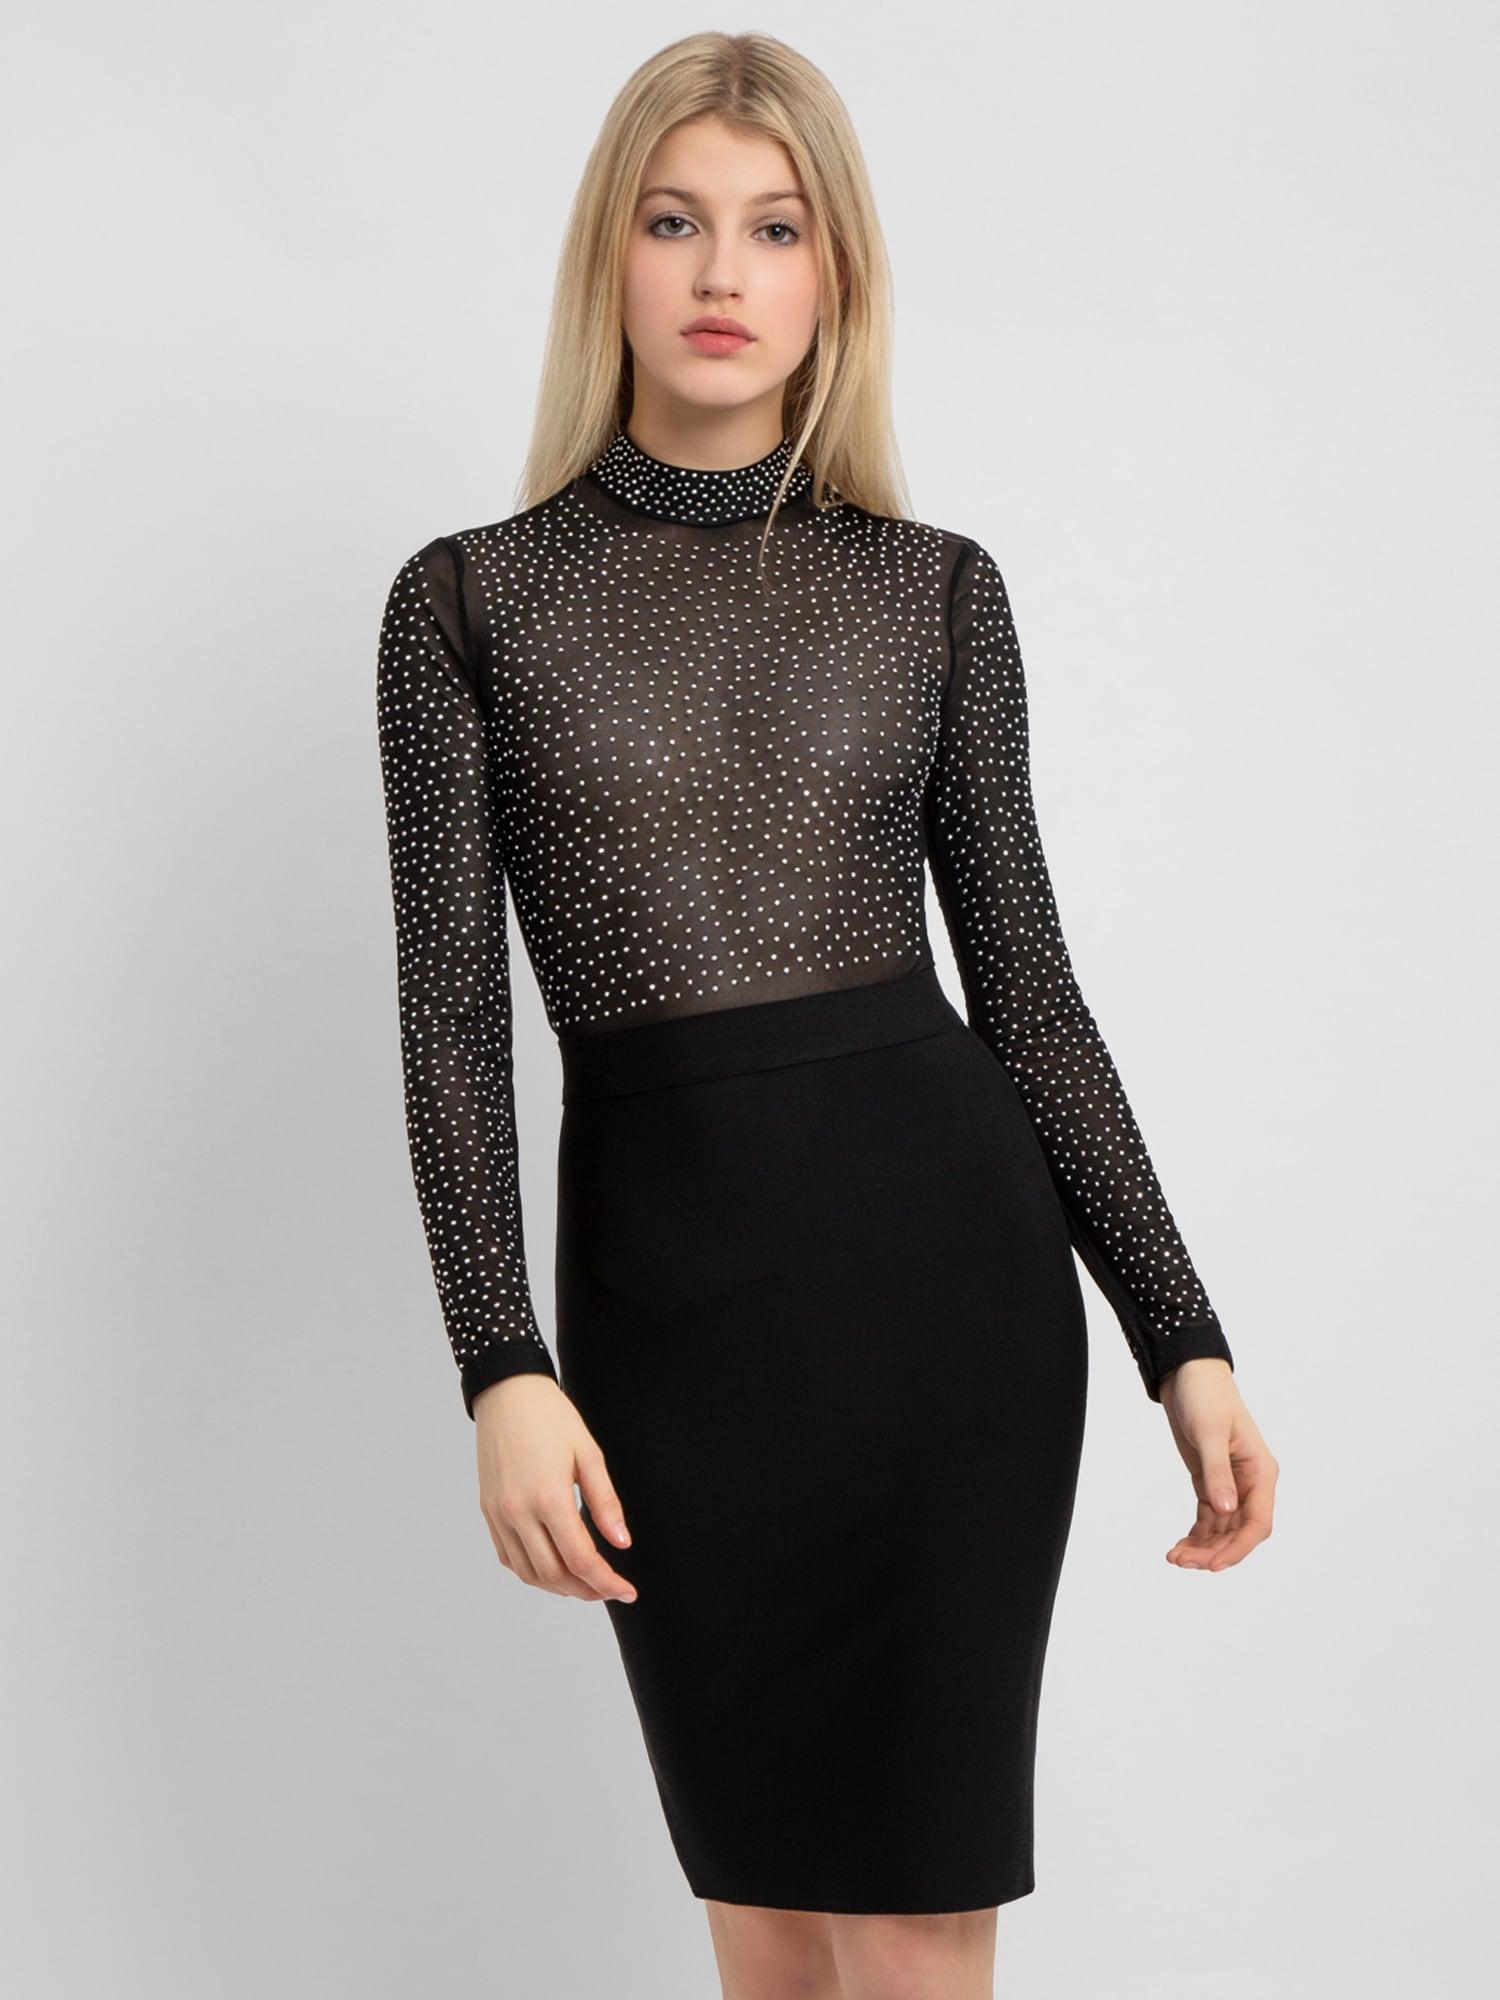 APART Kleid schwarz - Schwarzes Kleid